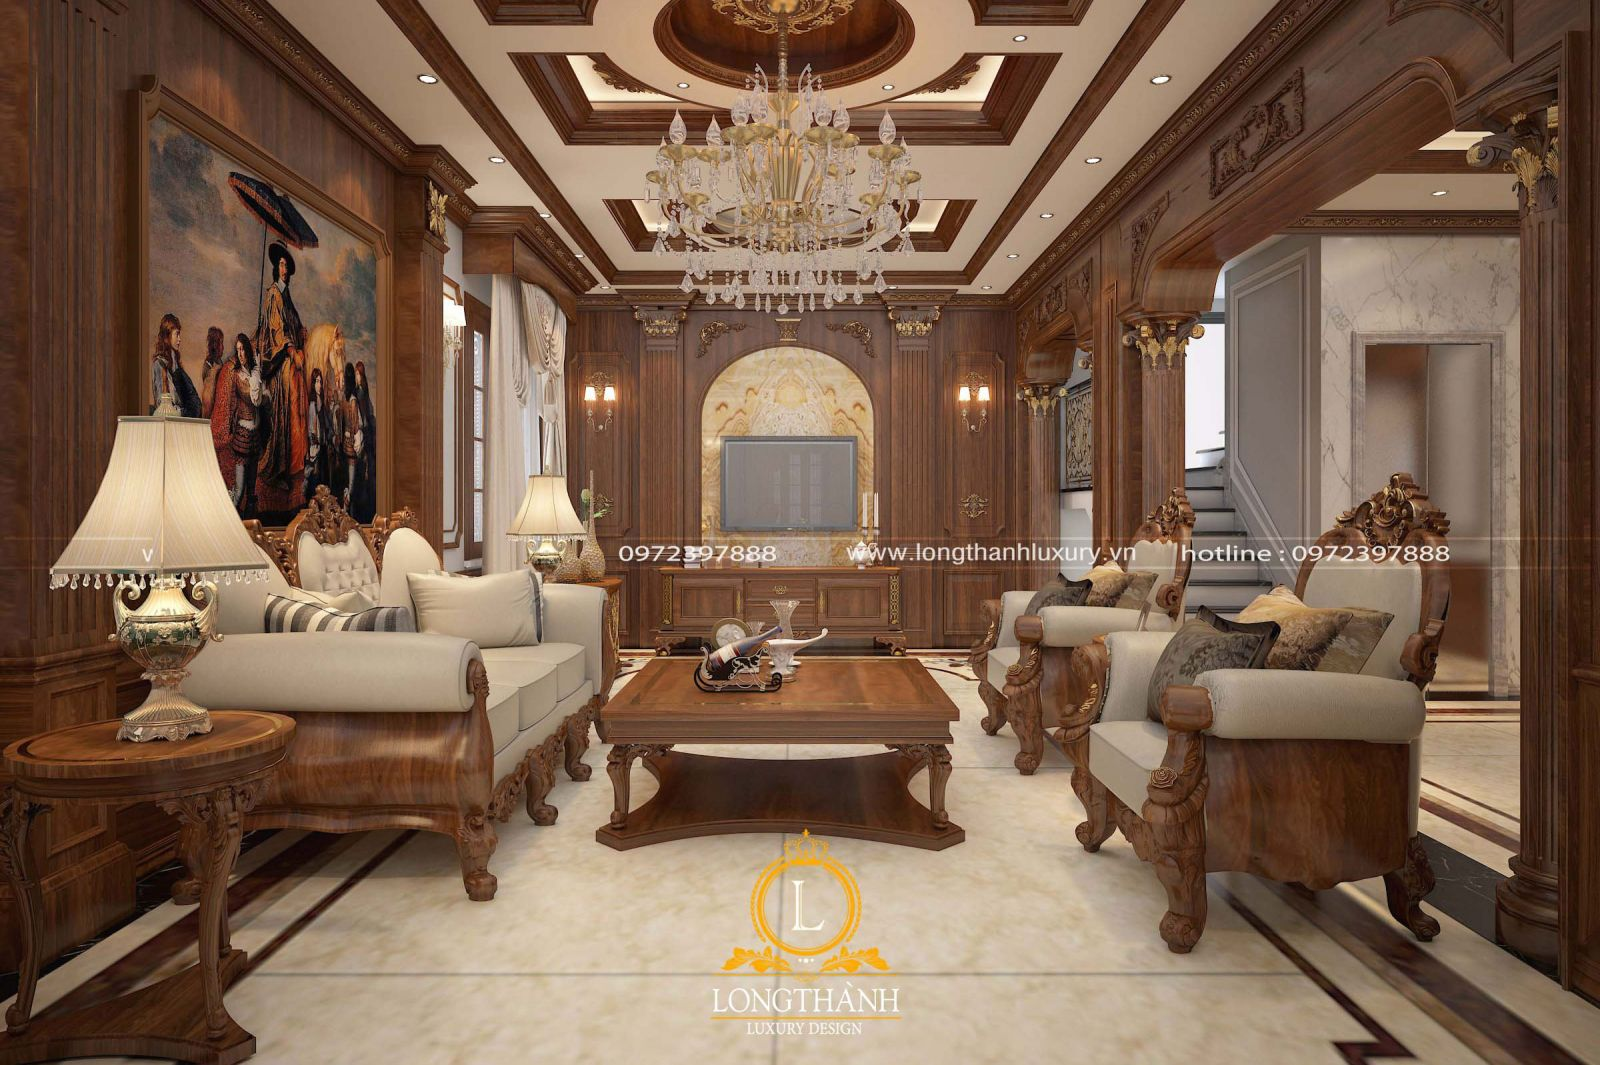 Một số vấn đề cần lưu ý khi thiết kế nội thất cho nhà biệt thự hiện nay